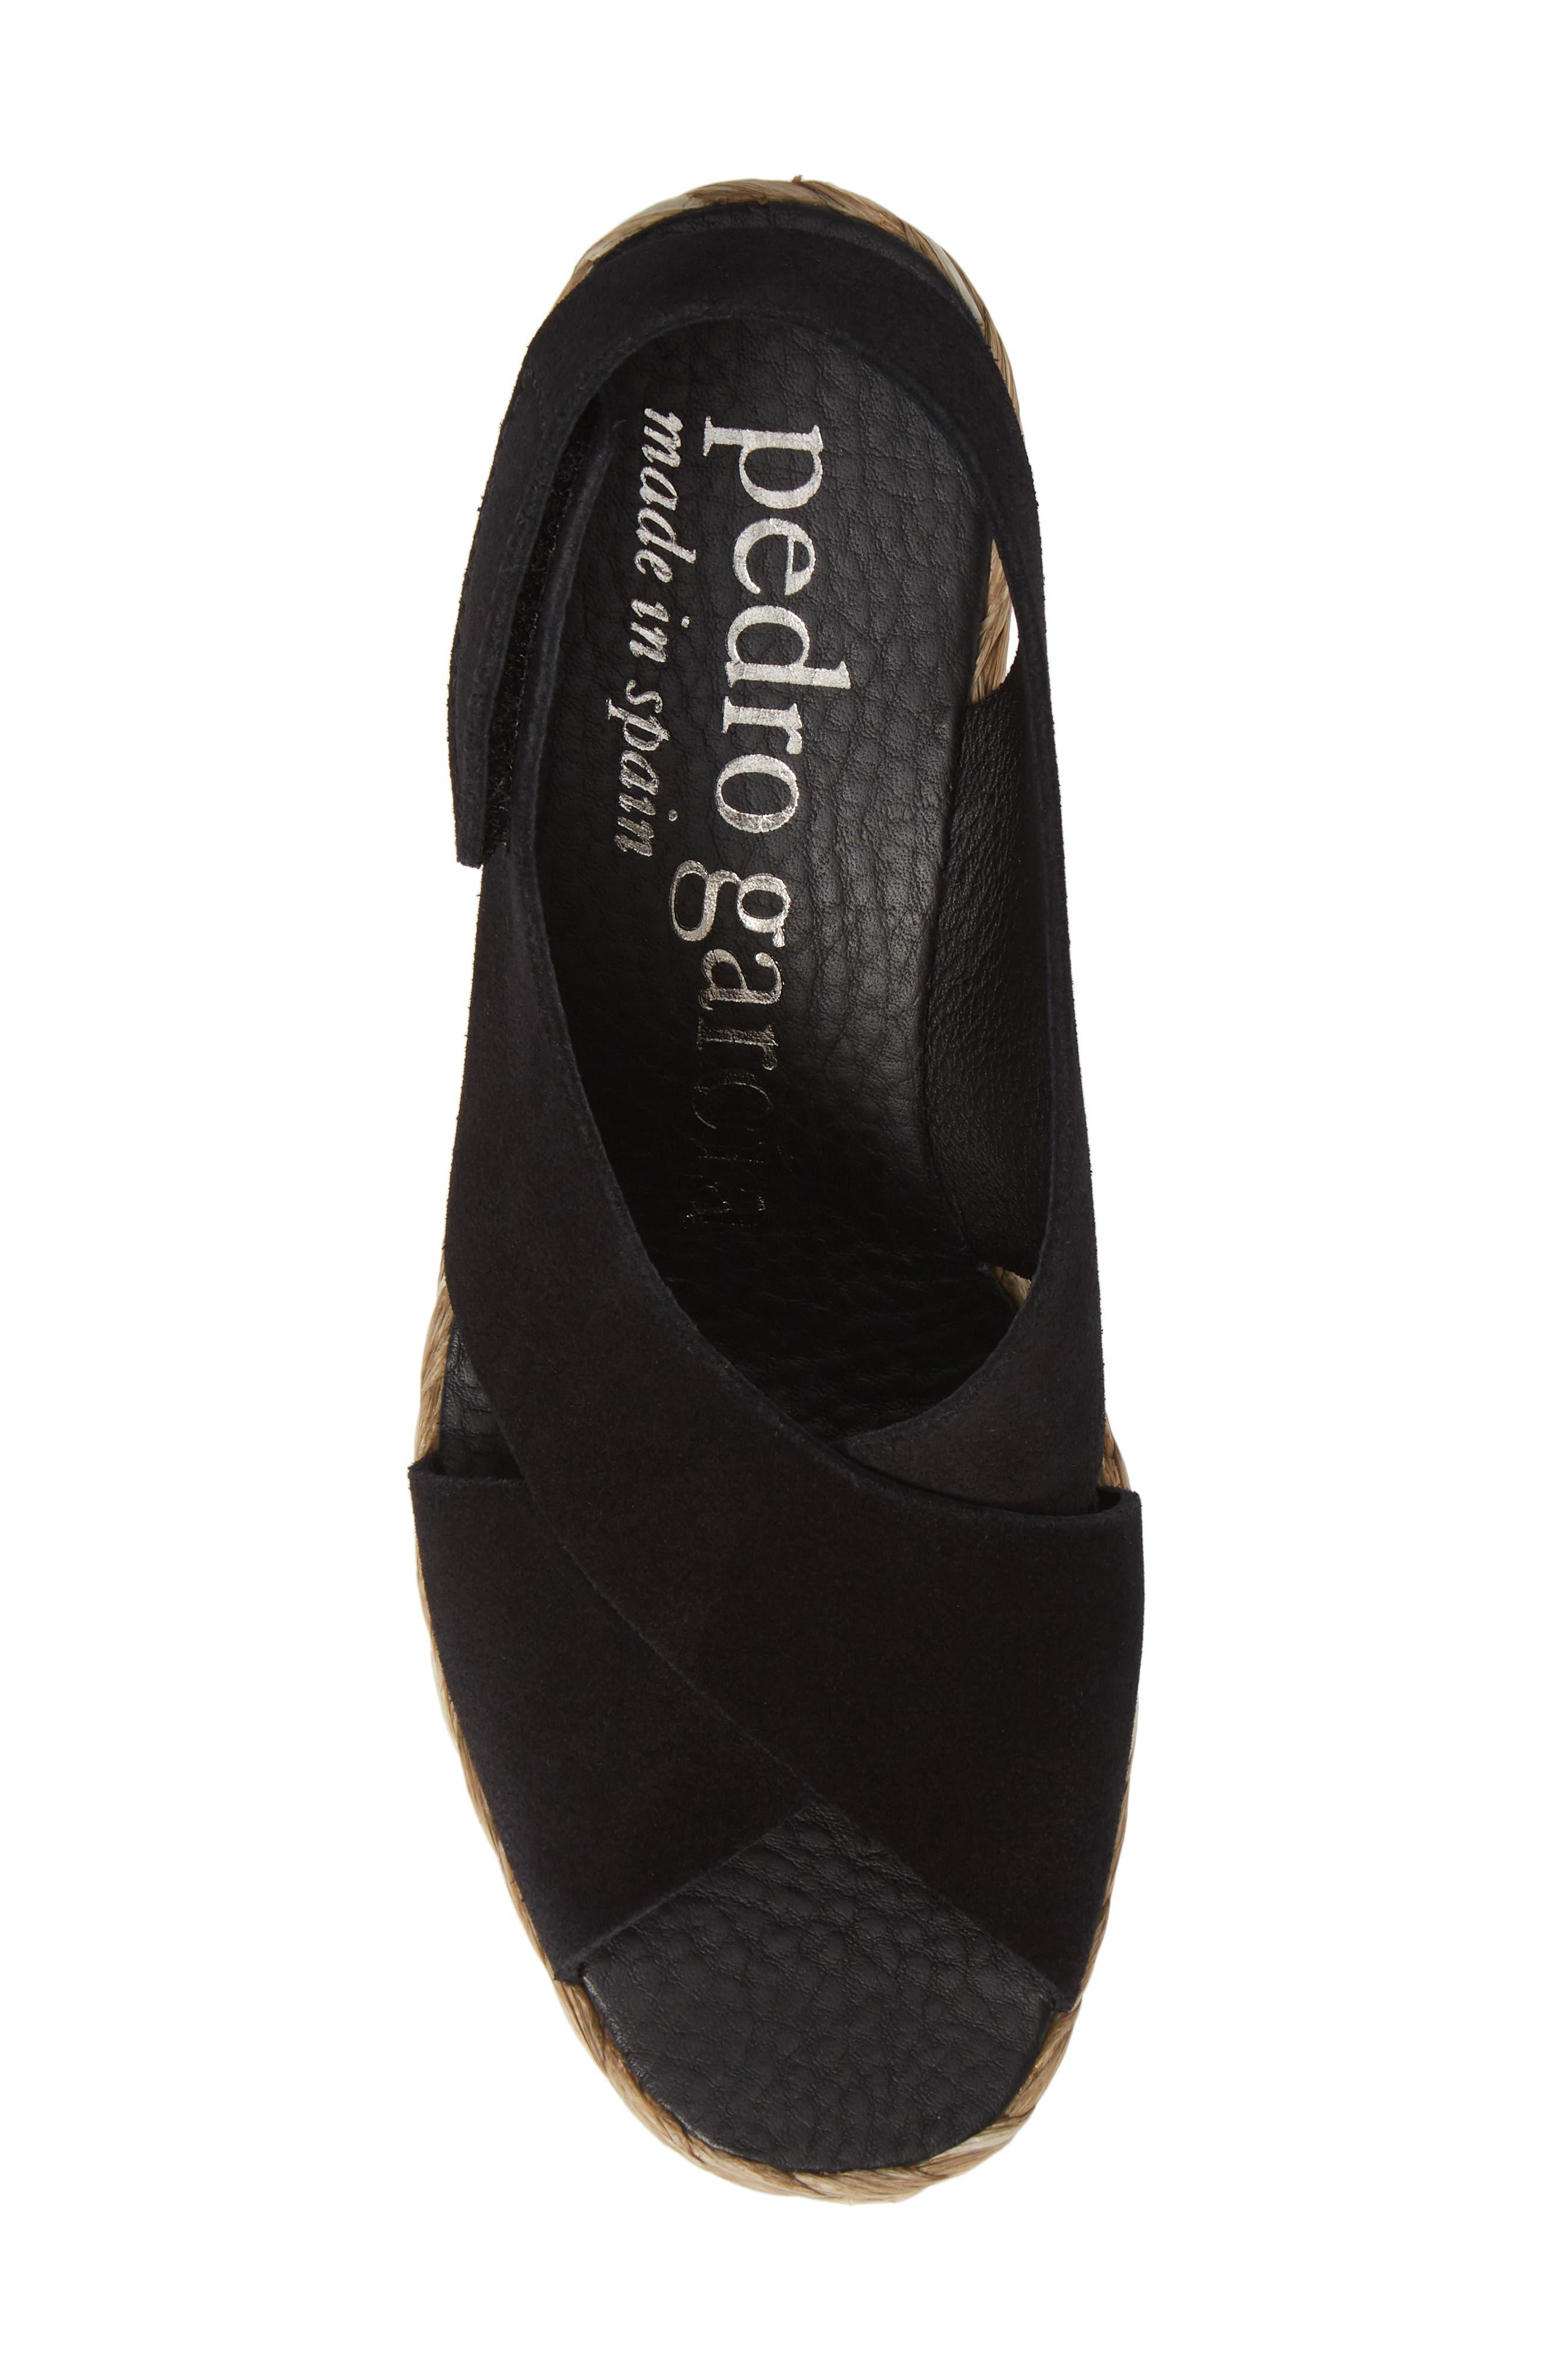 'Federica' Wedge Sandal,                             Alternate thumbnail 5, color,                             BLACK CASTORO/ RAFFIA